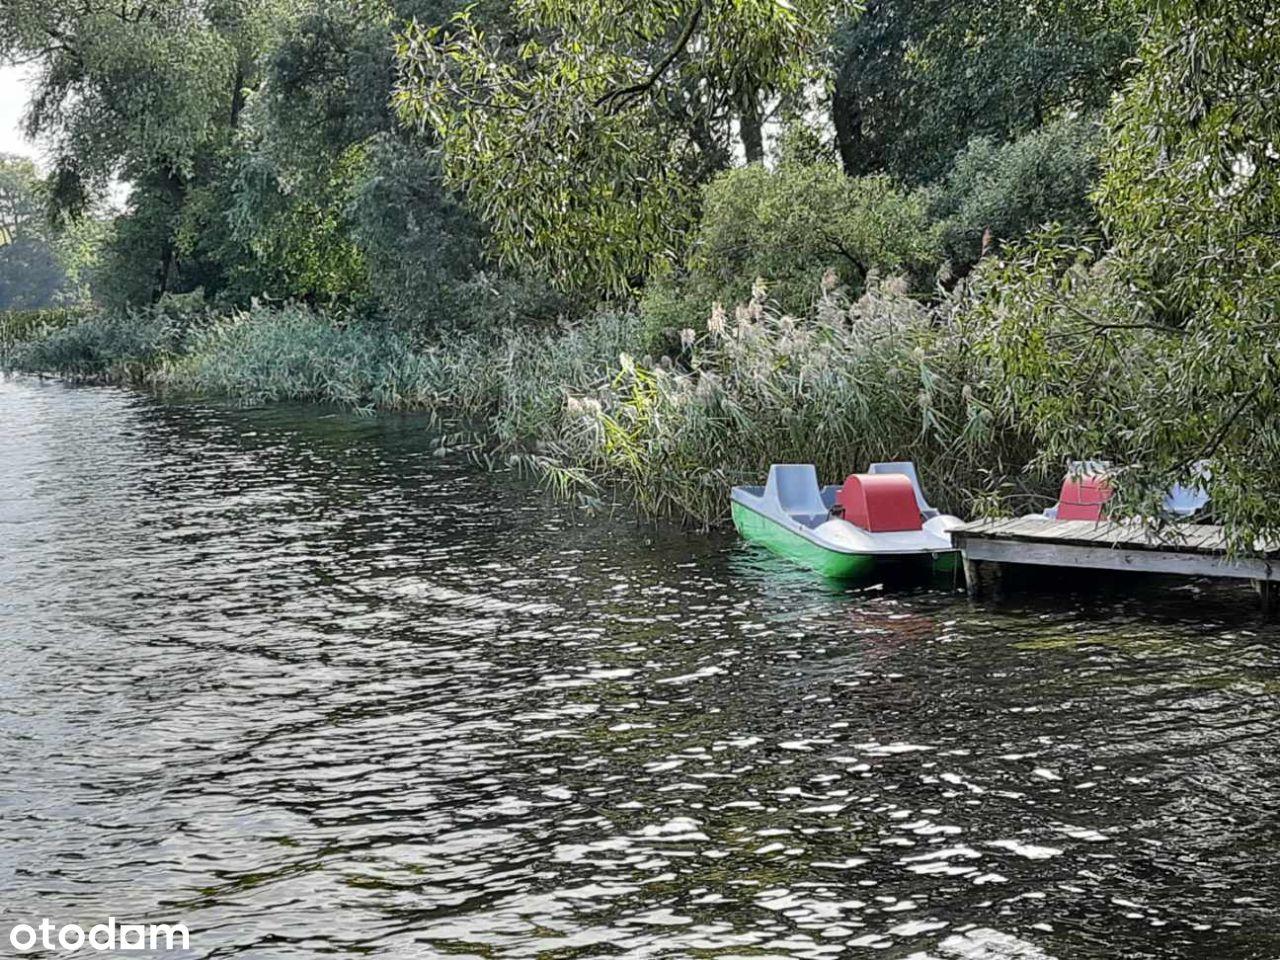 Działka z widokiem na jezioro ,Brodnicki Park Kraj